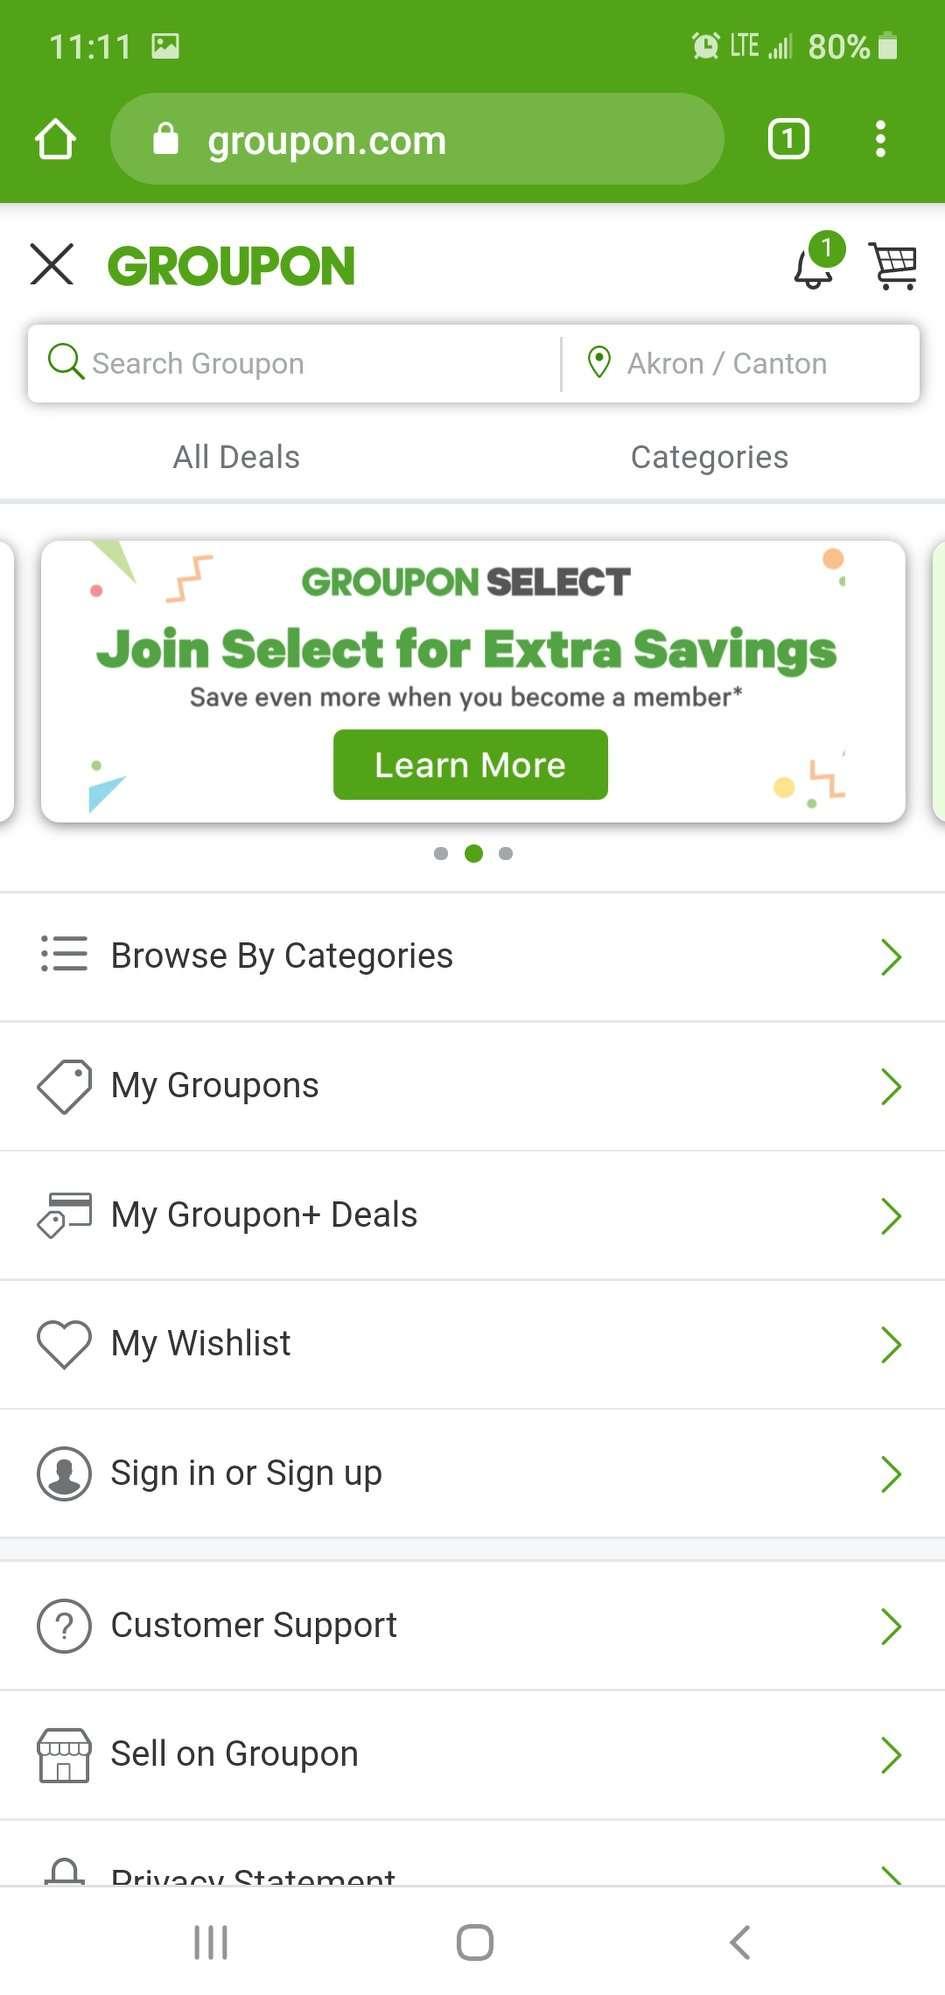 Screenshot from Groupon